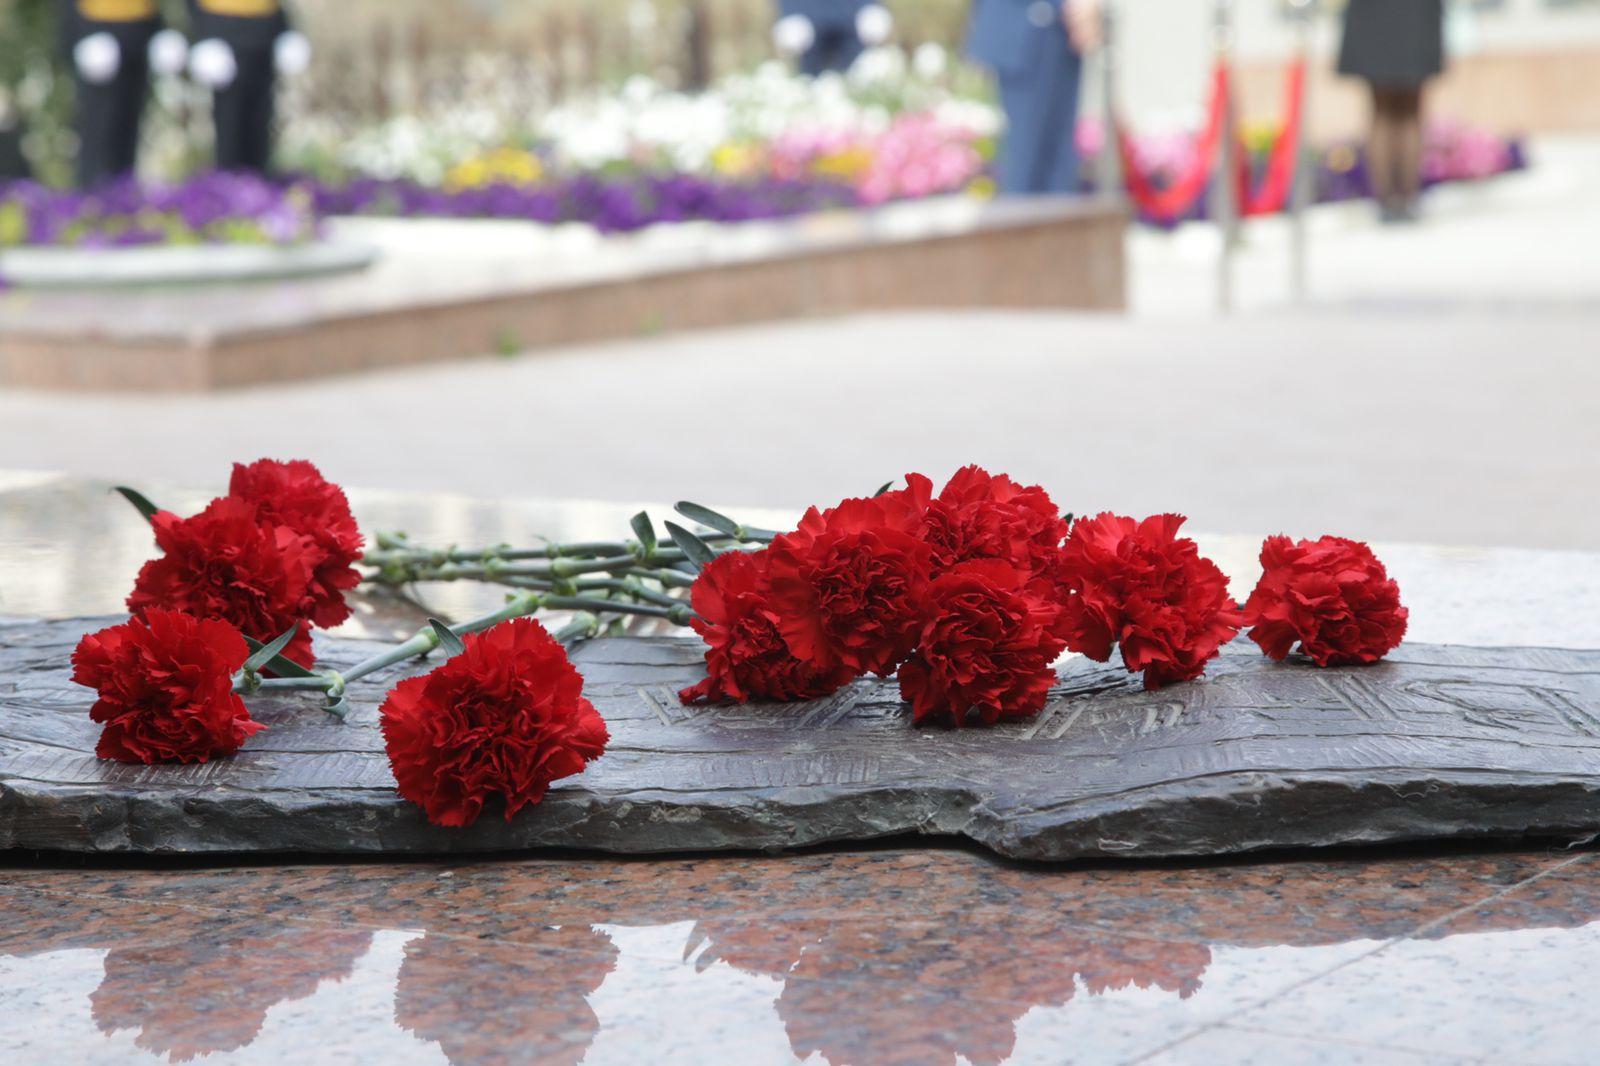 В Якутске отметили 76-ю годовщину окончания Второй мировой войны